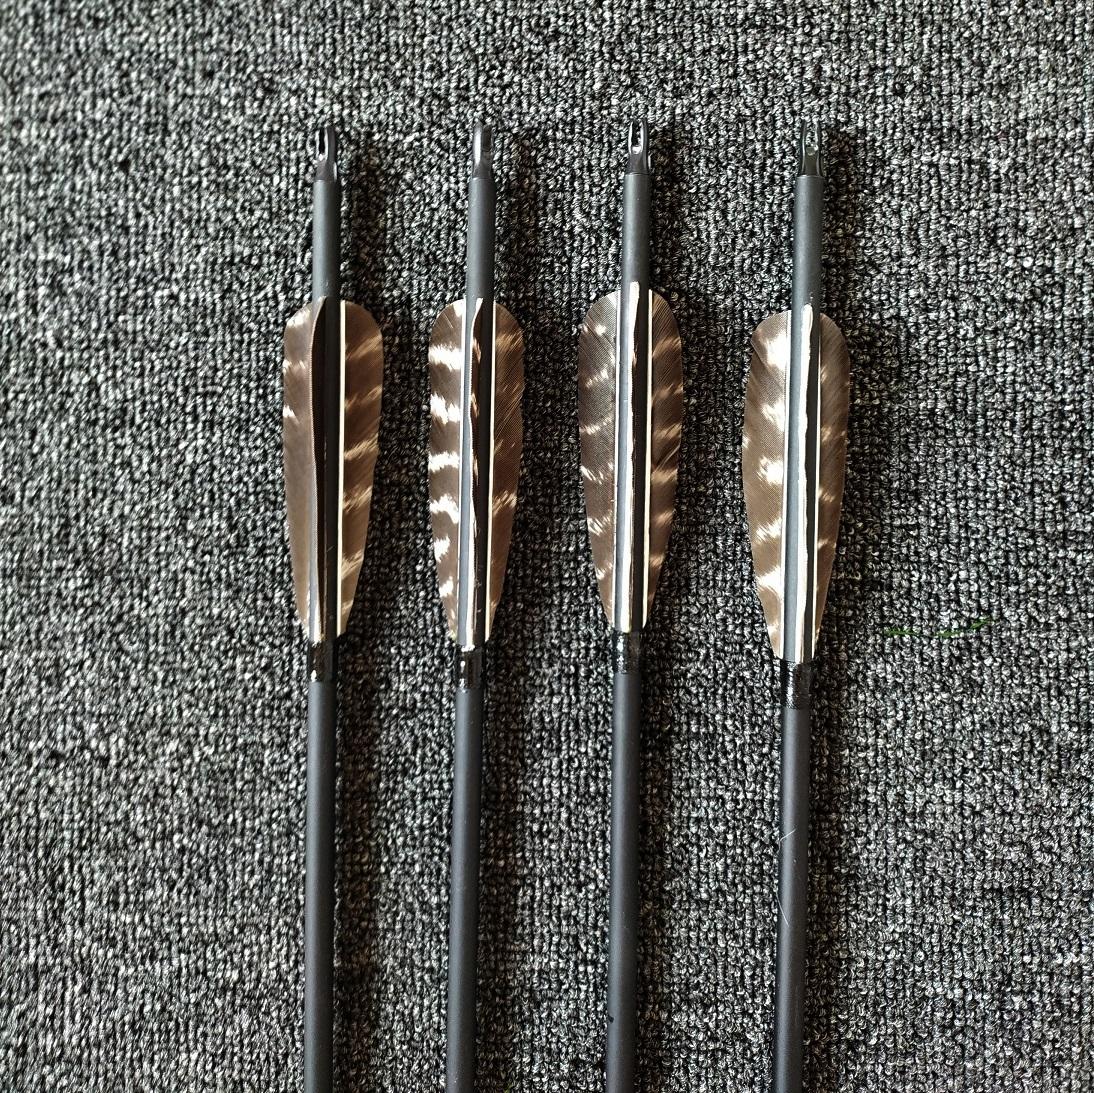 真羽碳箭 美猎传统弓用箭 6.2火鸡真羽箭训练比赛用箭 清羽箭